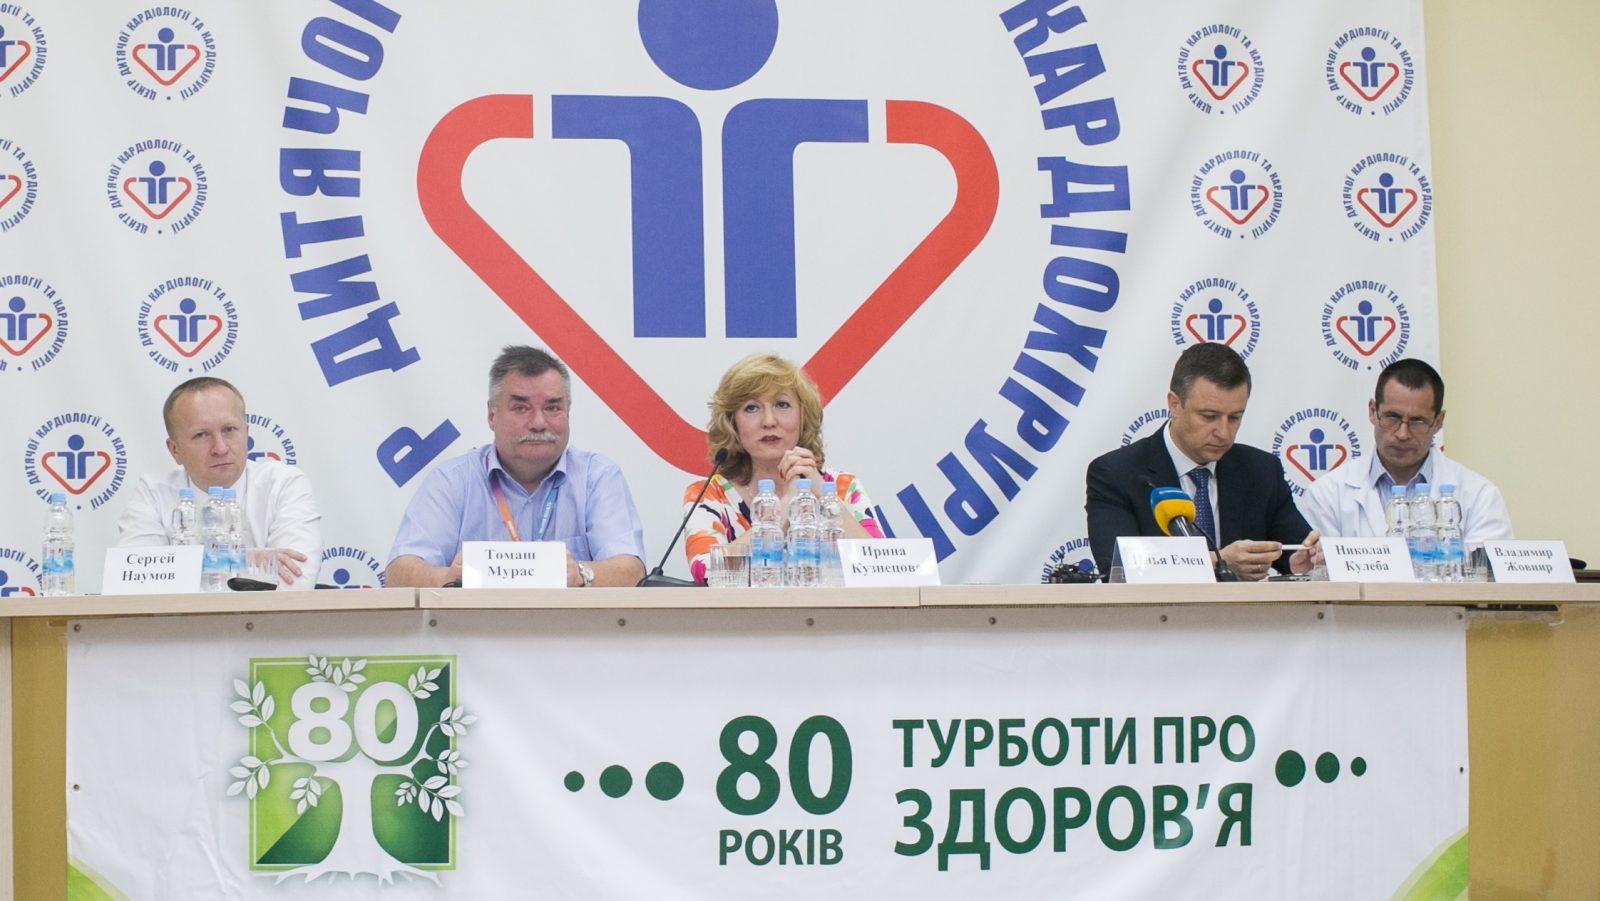 «Пробег под каштанами – 2015» передал Центру детской кардиологии и кардиохирургии МЗ Украины 650 000 гривен